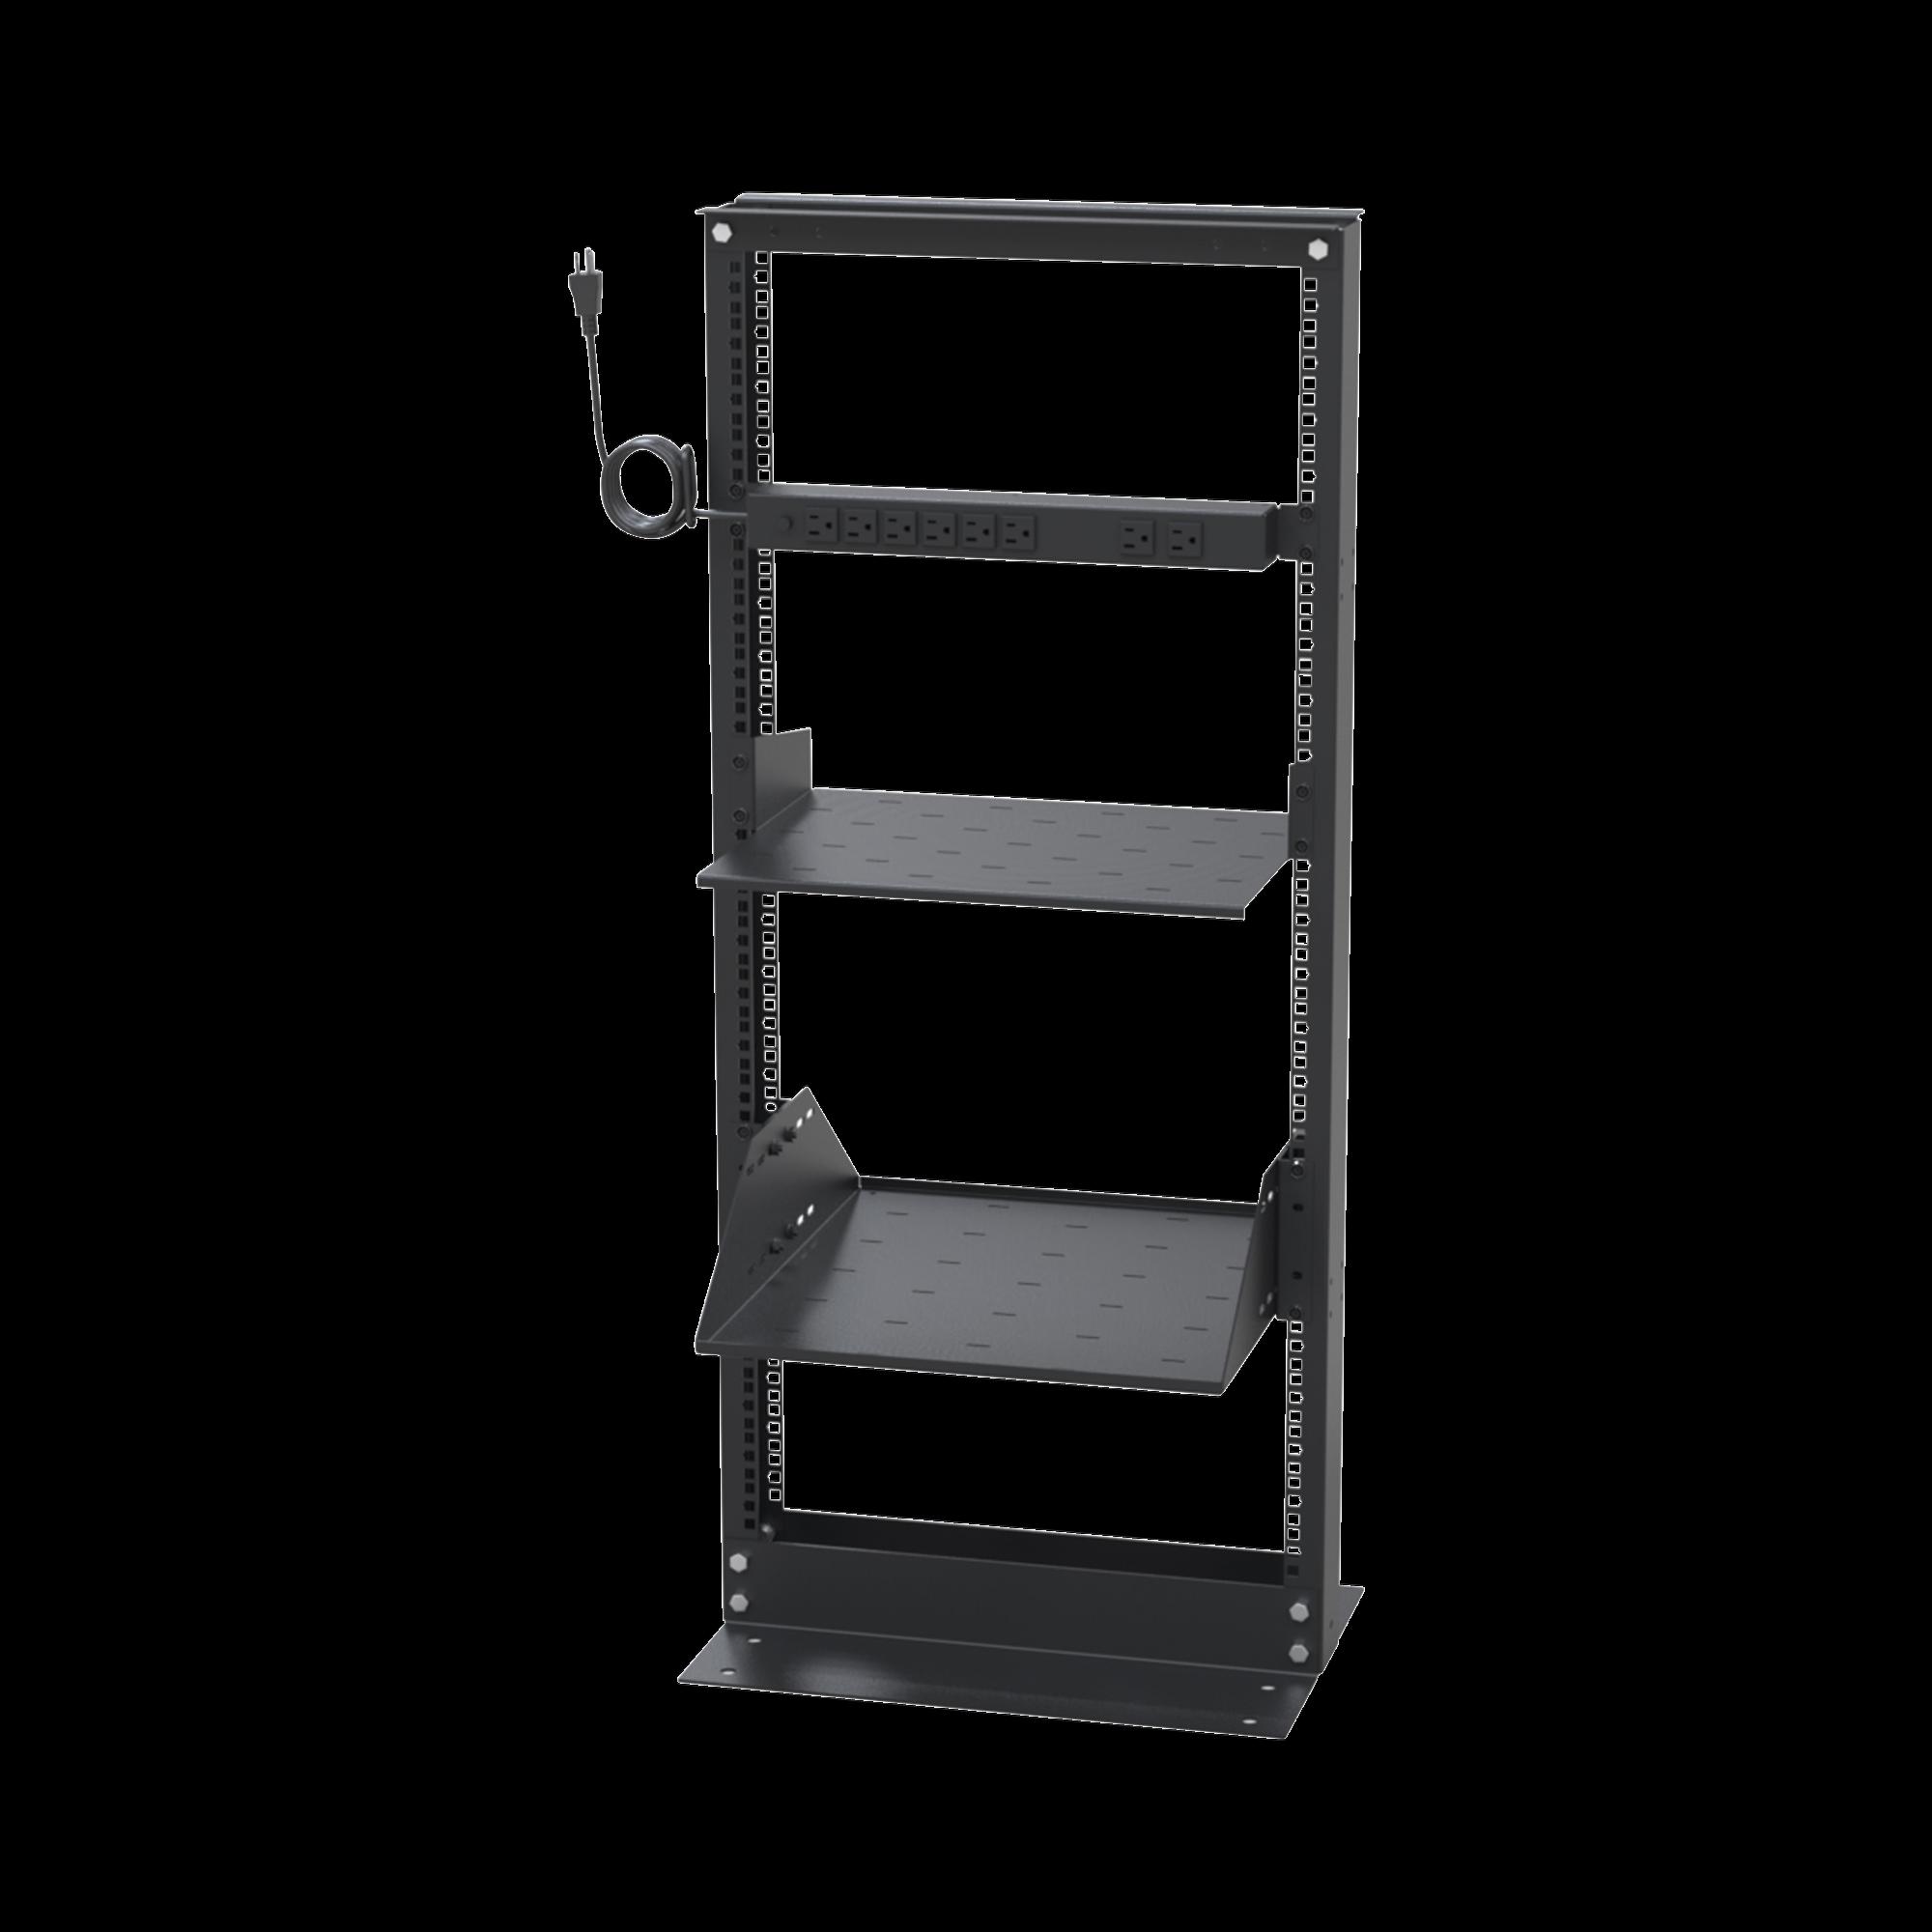 Kit de Rack Estándar 19, 24 UR con 2 Charolas  y PDU (8 tomas). Ideal para UPS y Servidores tipo Torre.